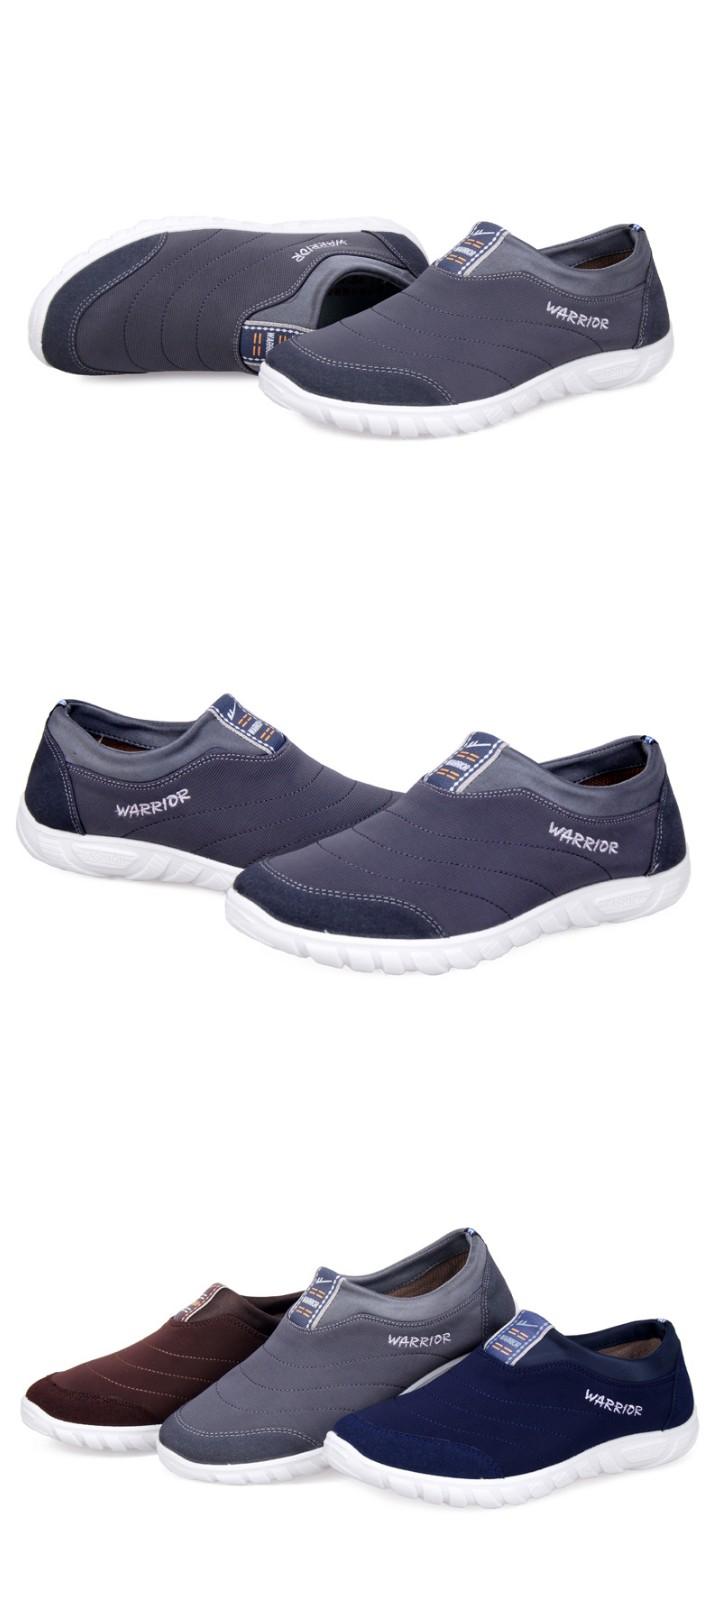 回力男鞋帆布鞋子一脚蹬懒人鞋男士潮流韩版布鞋透气鞋图片十四